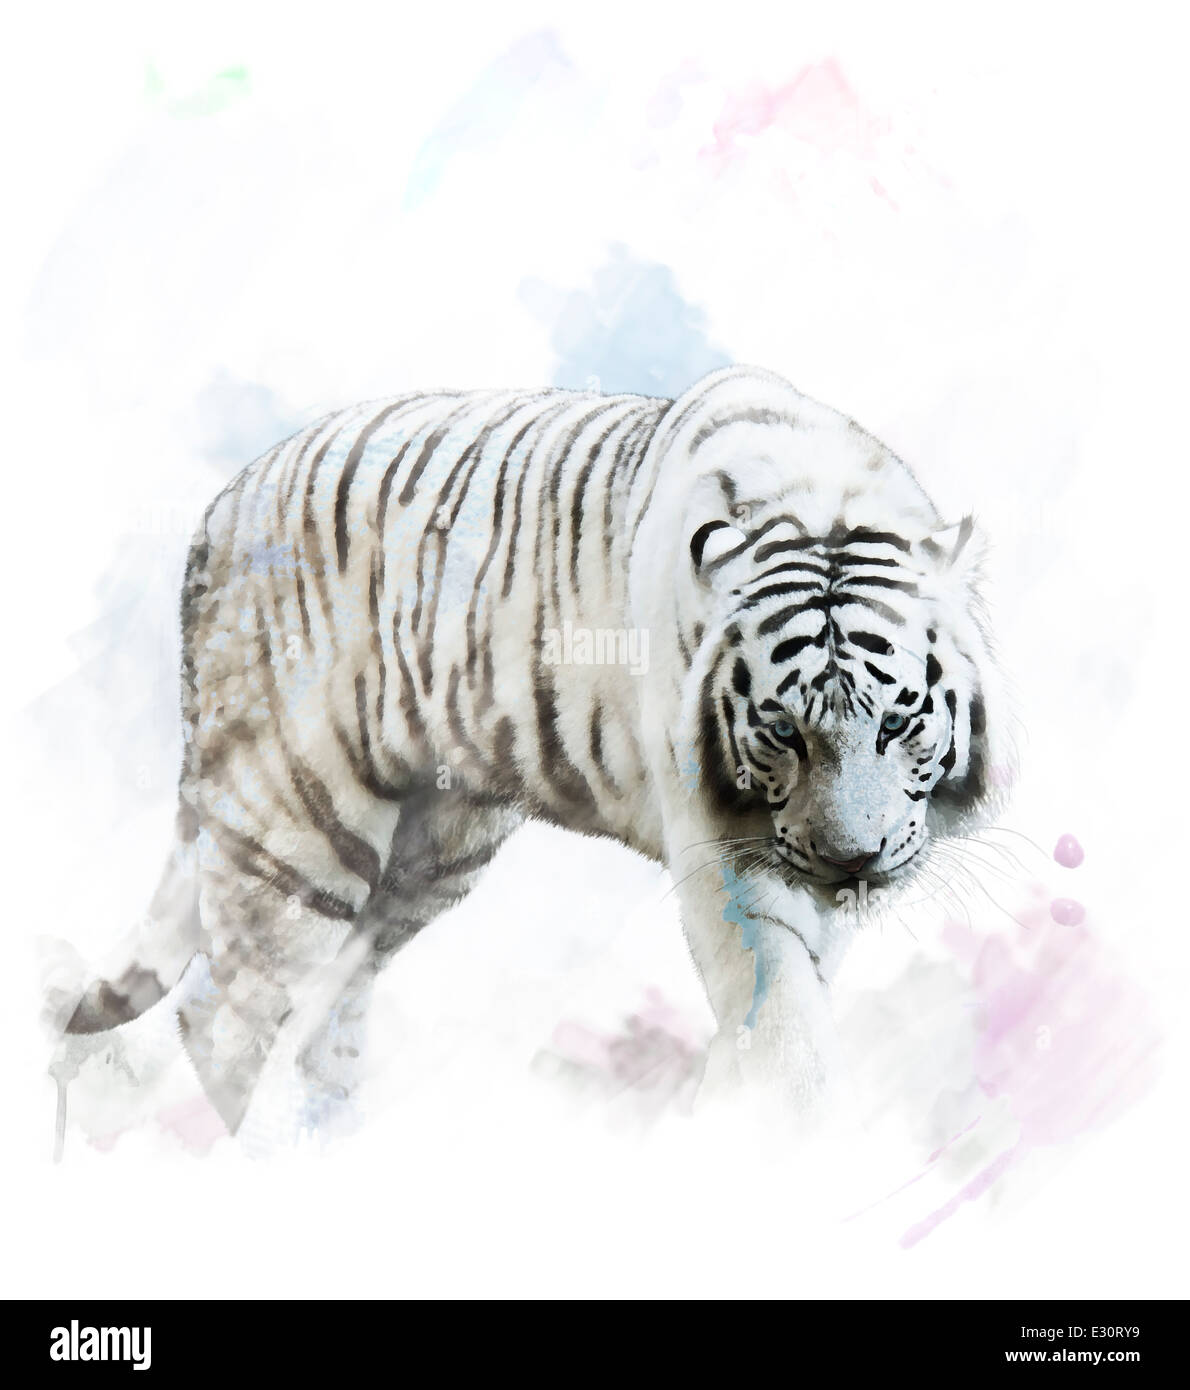 Acuarela pintura digital de tigre blanco vertical Imagen De Stock